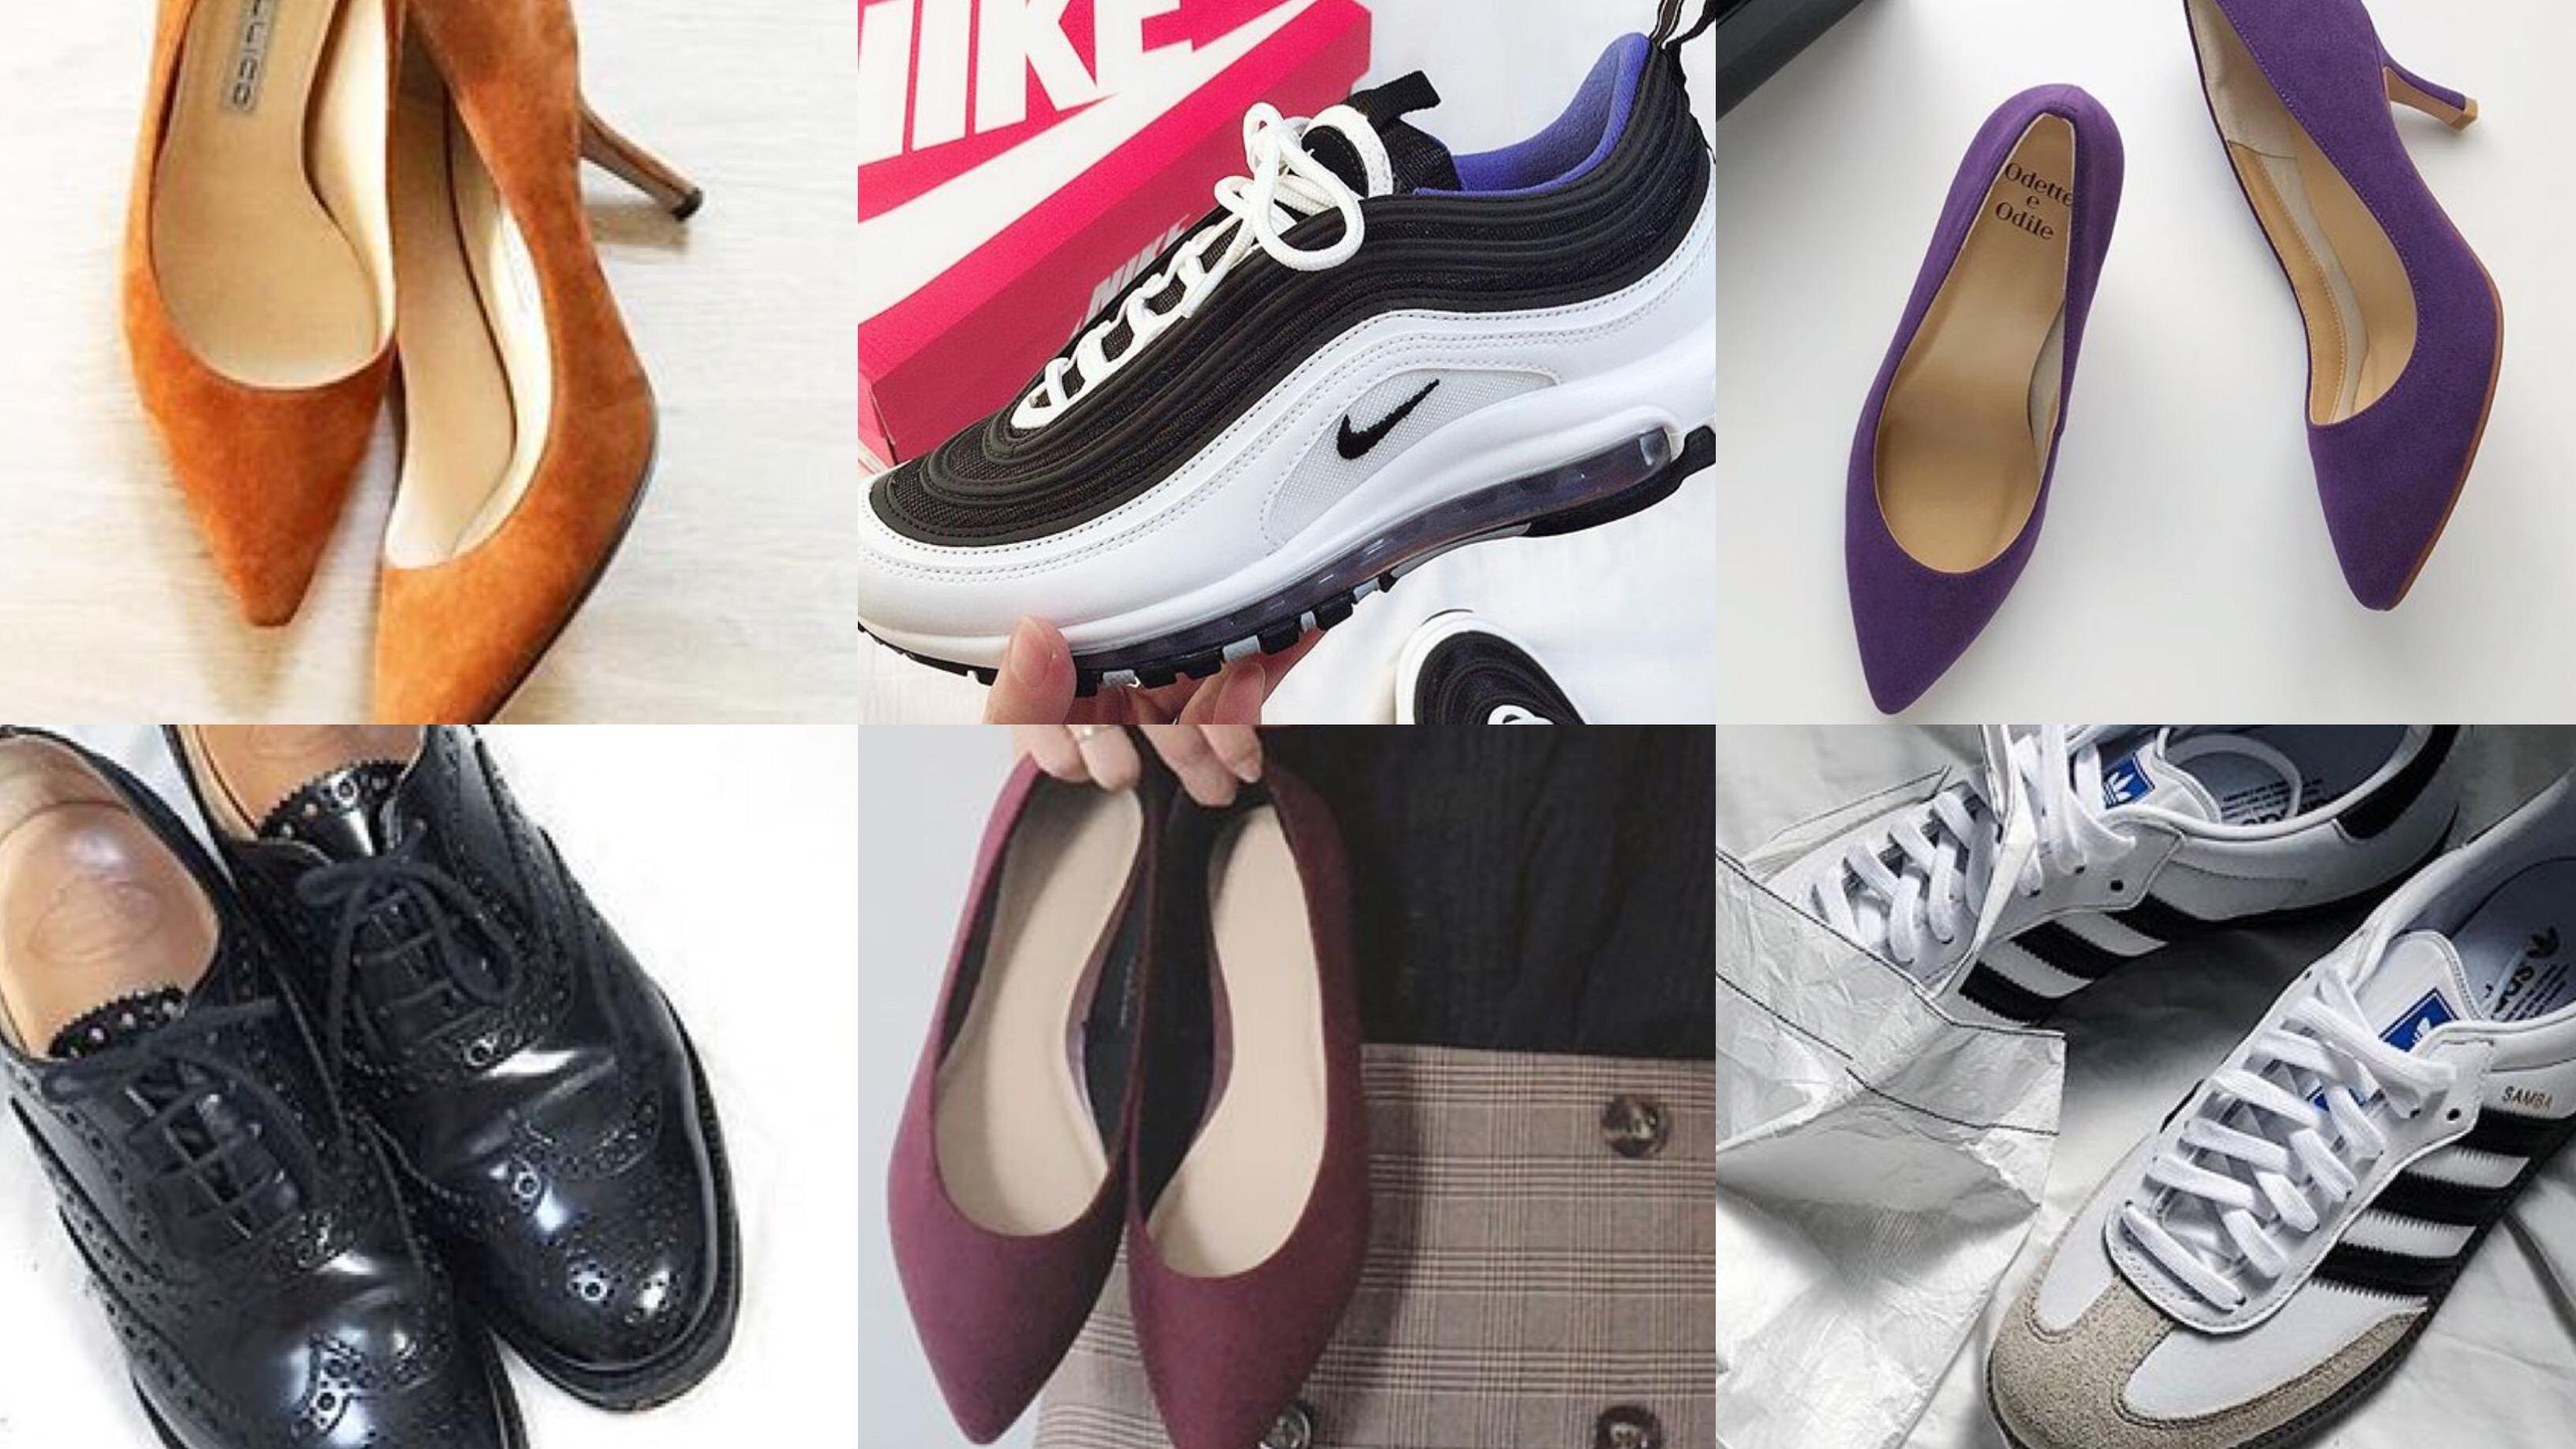 サンダル終了、これから何履く?120%使える秋靴ラインナップ【MINESスナップ】